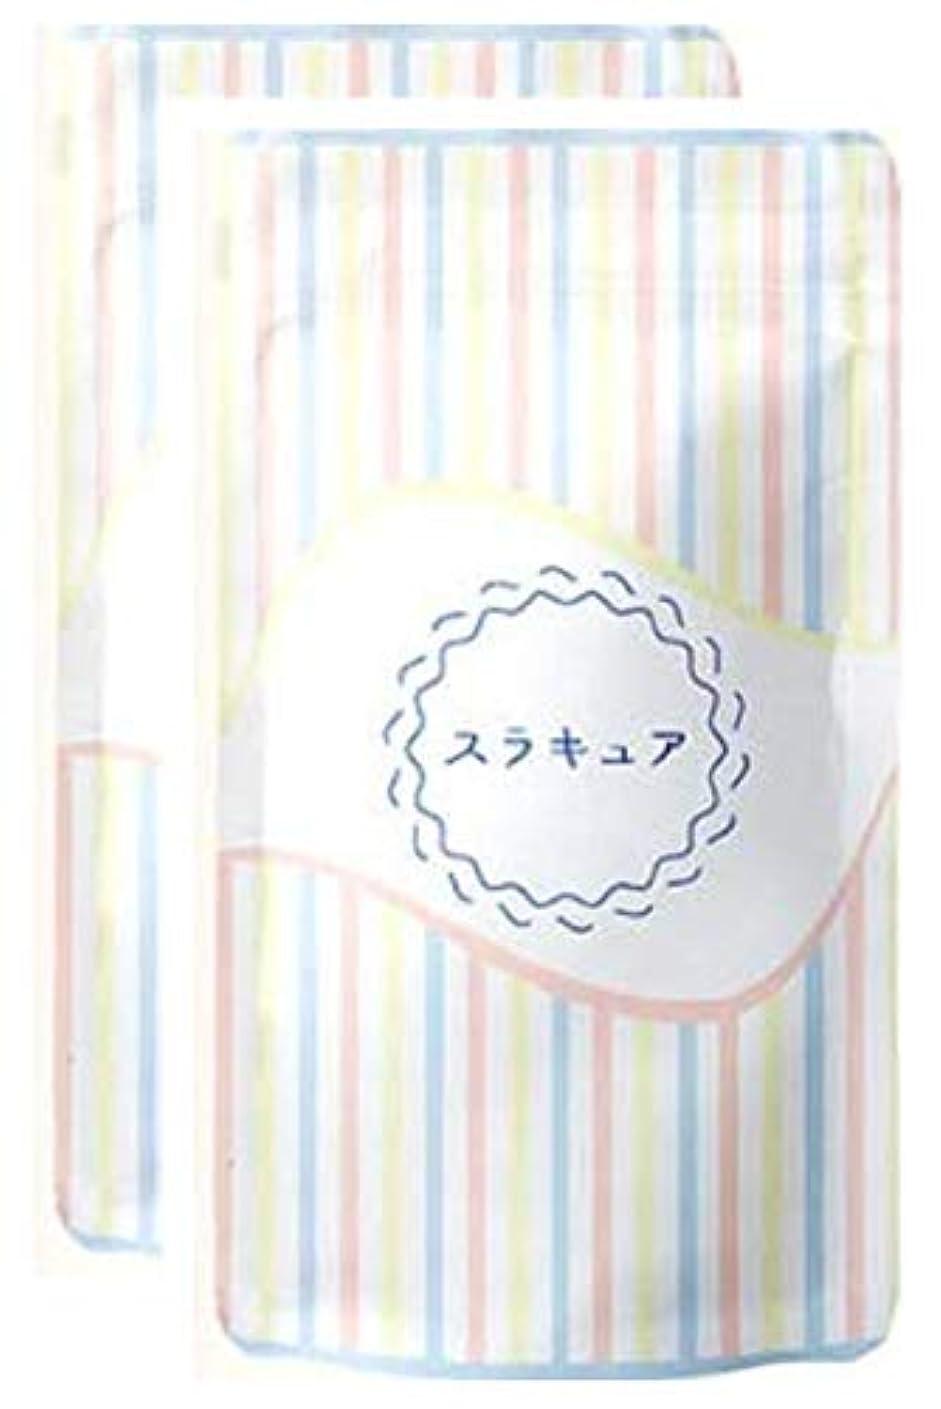 アメリカ痴漢ゴルフ【2袋セット】 スラキュア 45粒